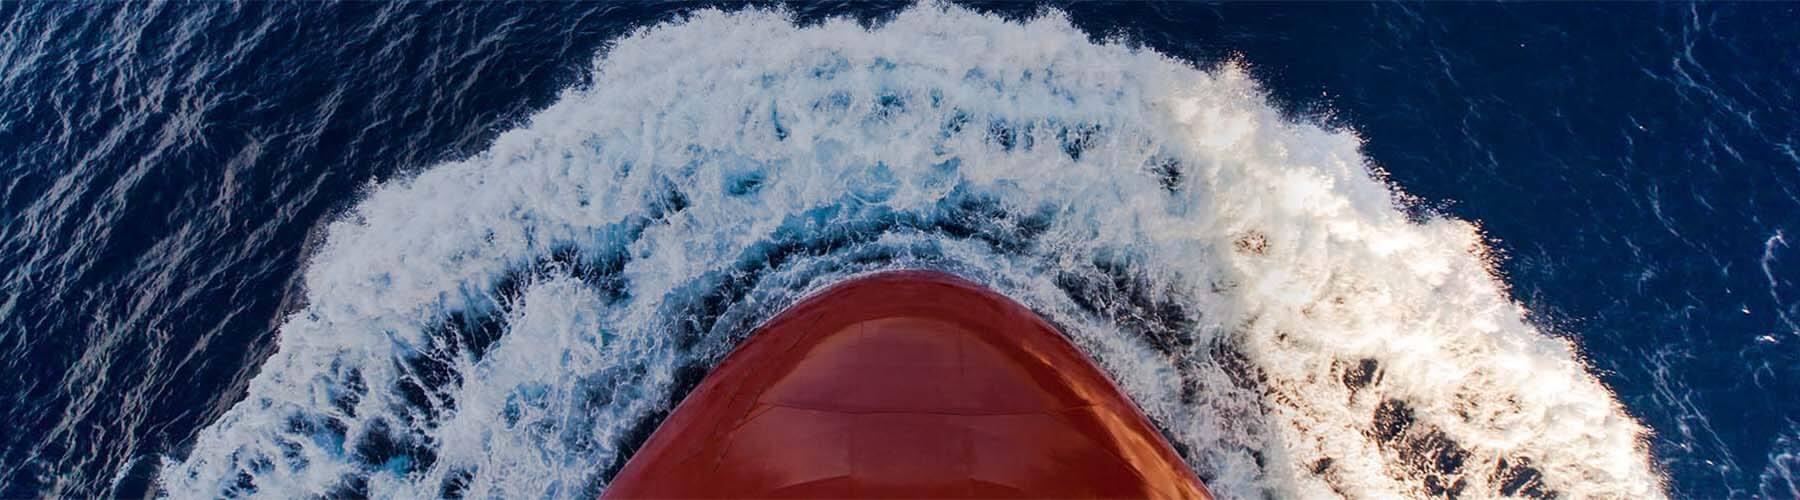 A popa de uma embarcação criando uma esteira enquanto se move pelo oceano